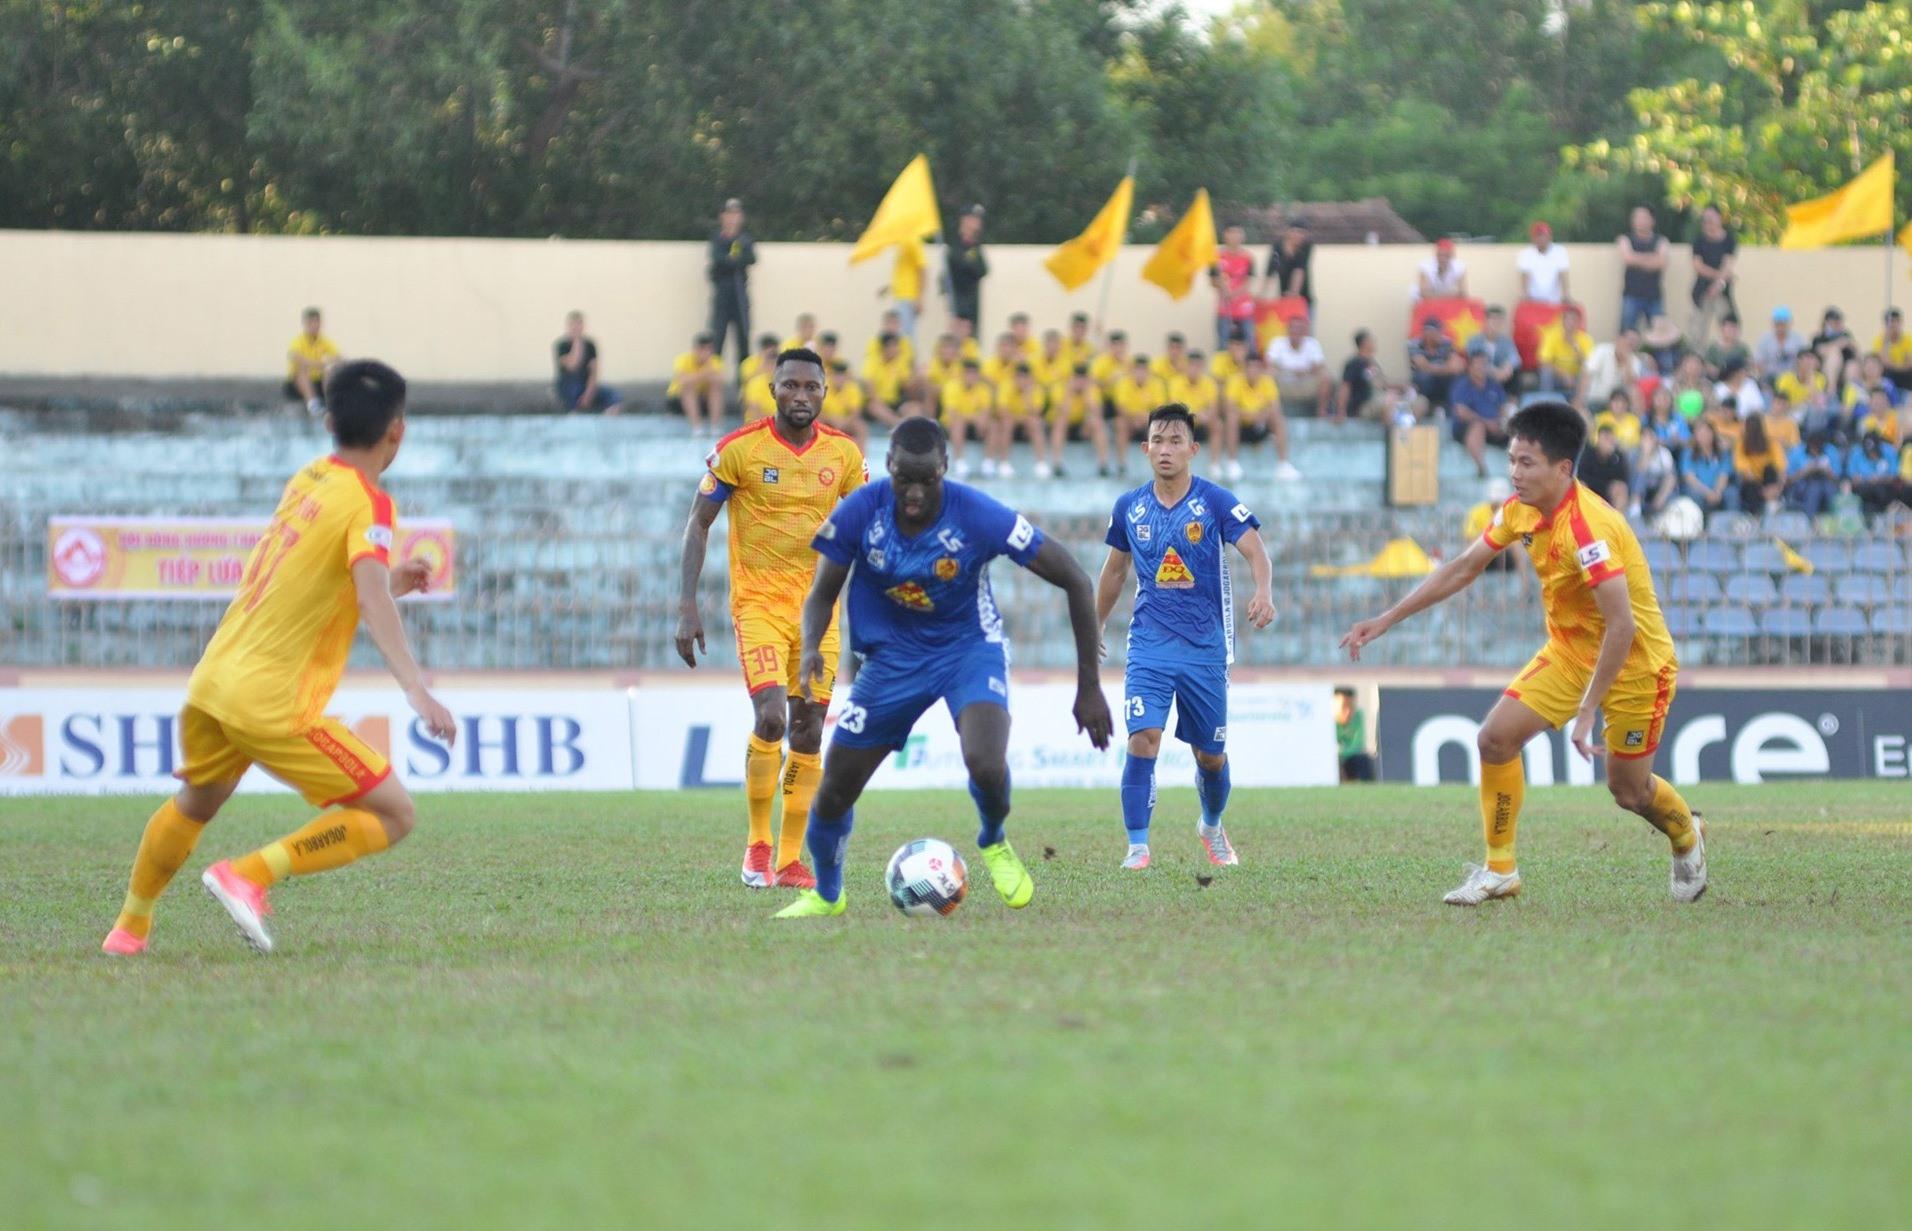 Trận đấu giữa Quảng Nam và Thanh Hóa bao giờ cũng diễn ra hấp dẫn và quyết liệt. Ảnh:A.Nhi